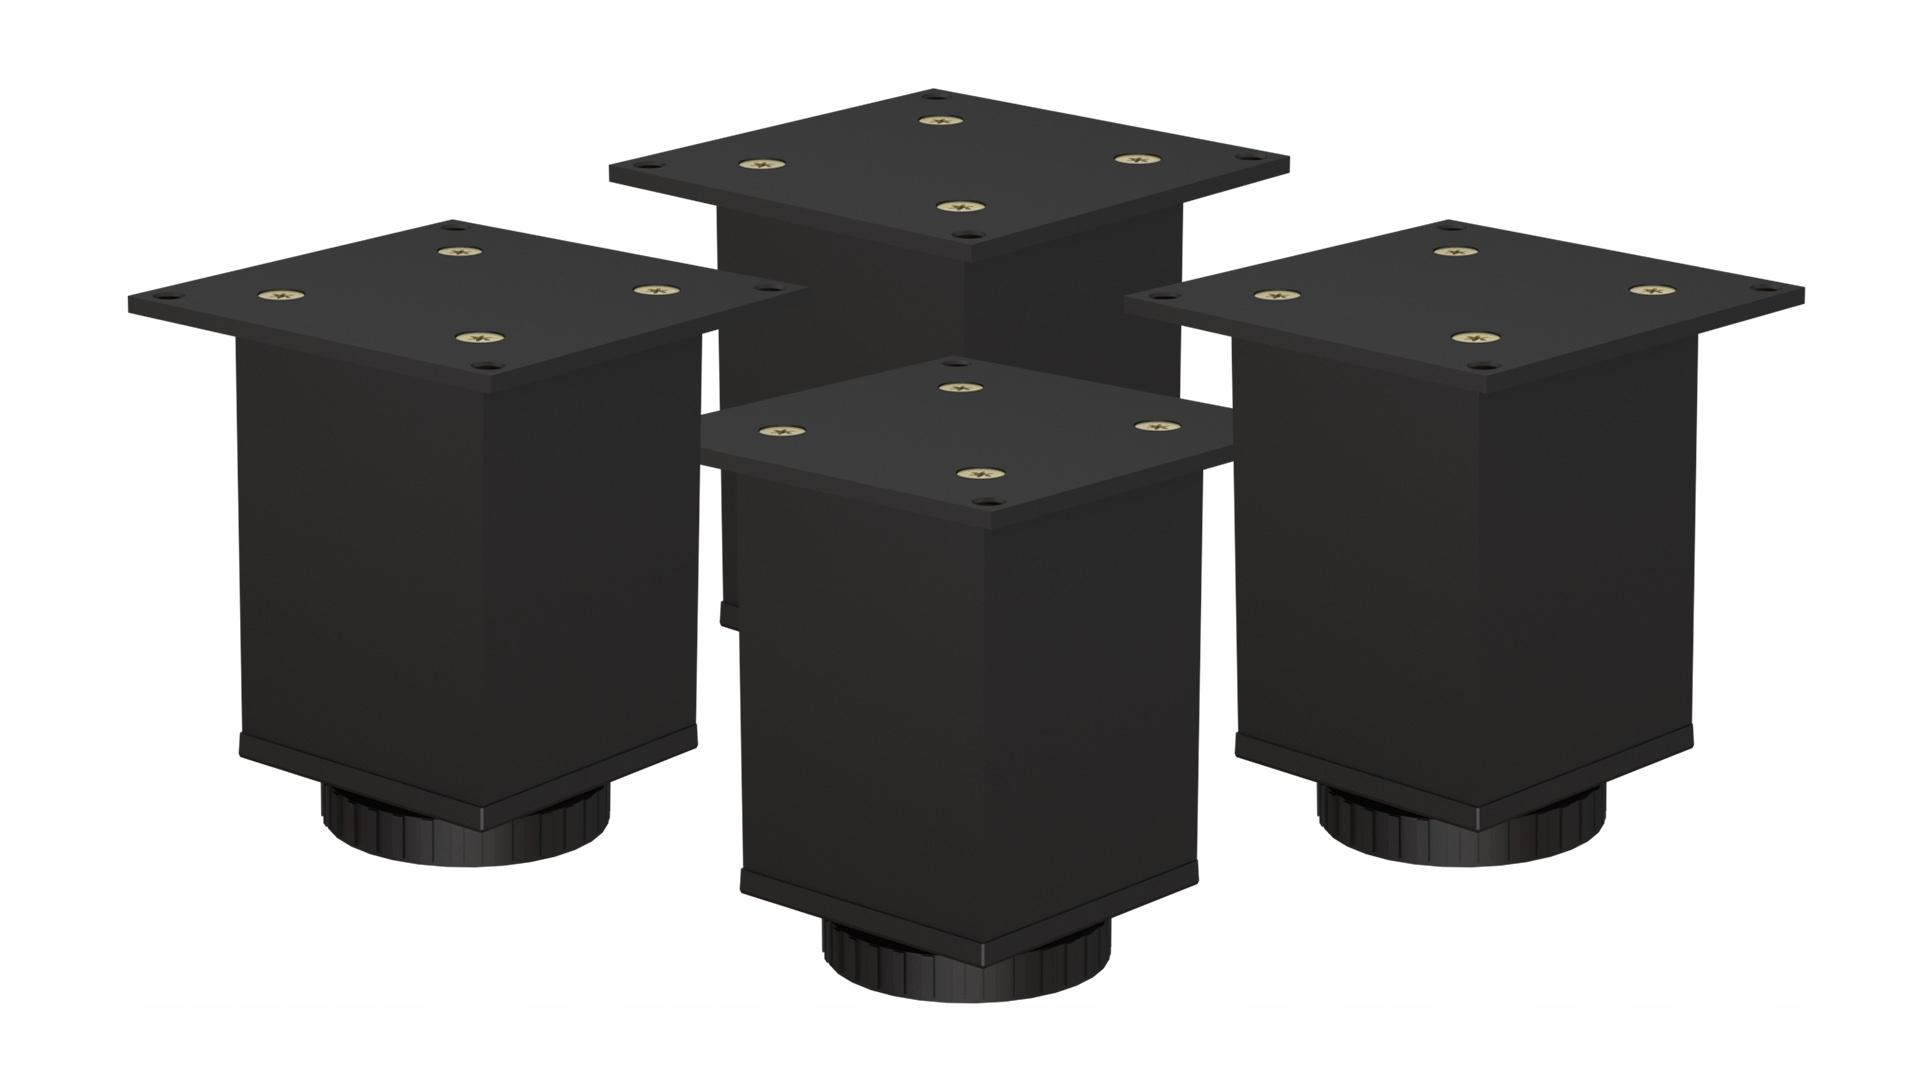 4 ofsetové FEETY LEGS 60x60x100mm ČIERNA FARBA